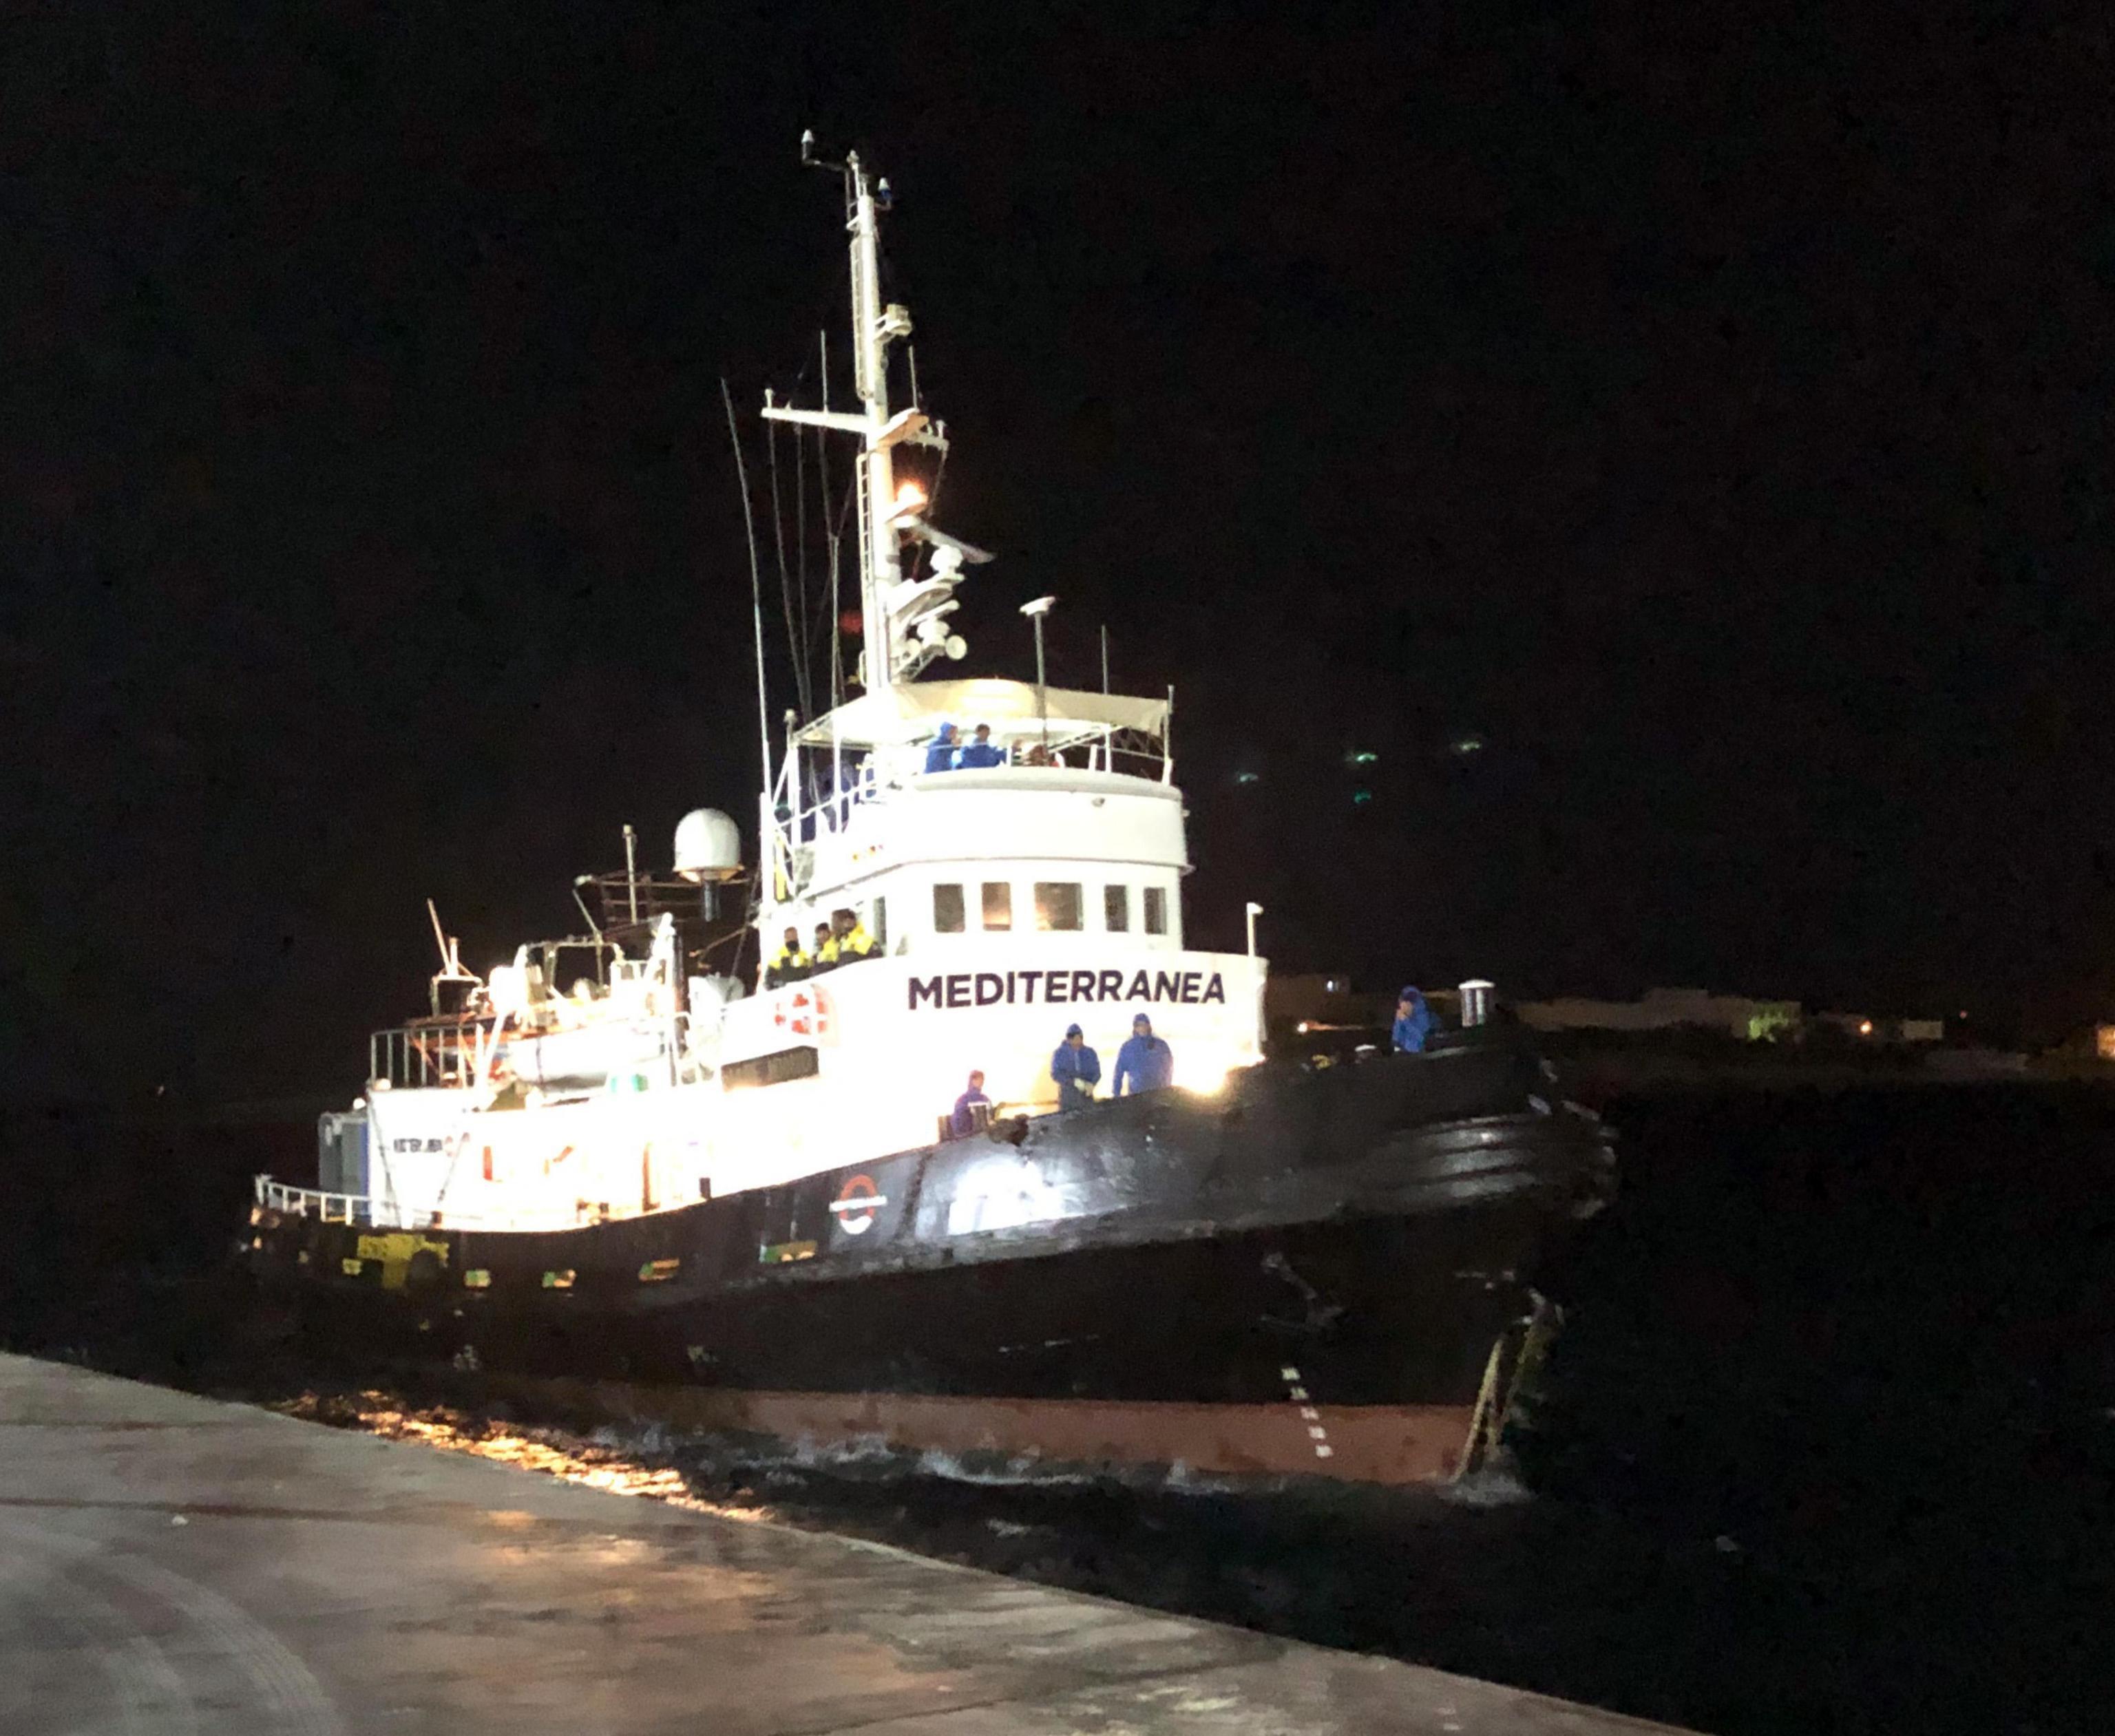 La nave Mare Jonio, dopo essere stata bloccata tutto il giorno a largo di Lampedusa, raggiunge il porto dell'isola